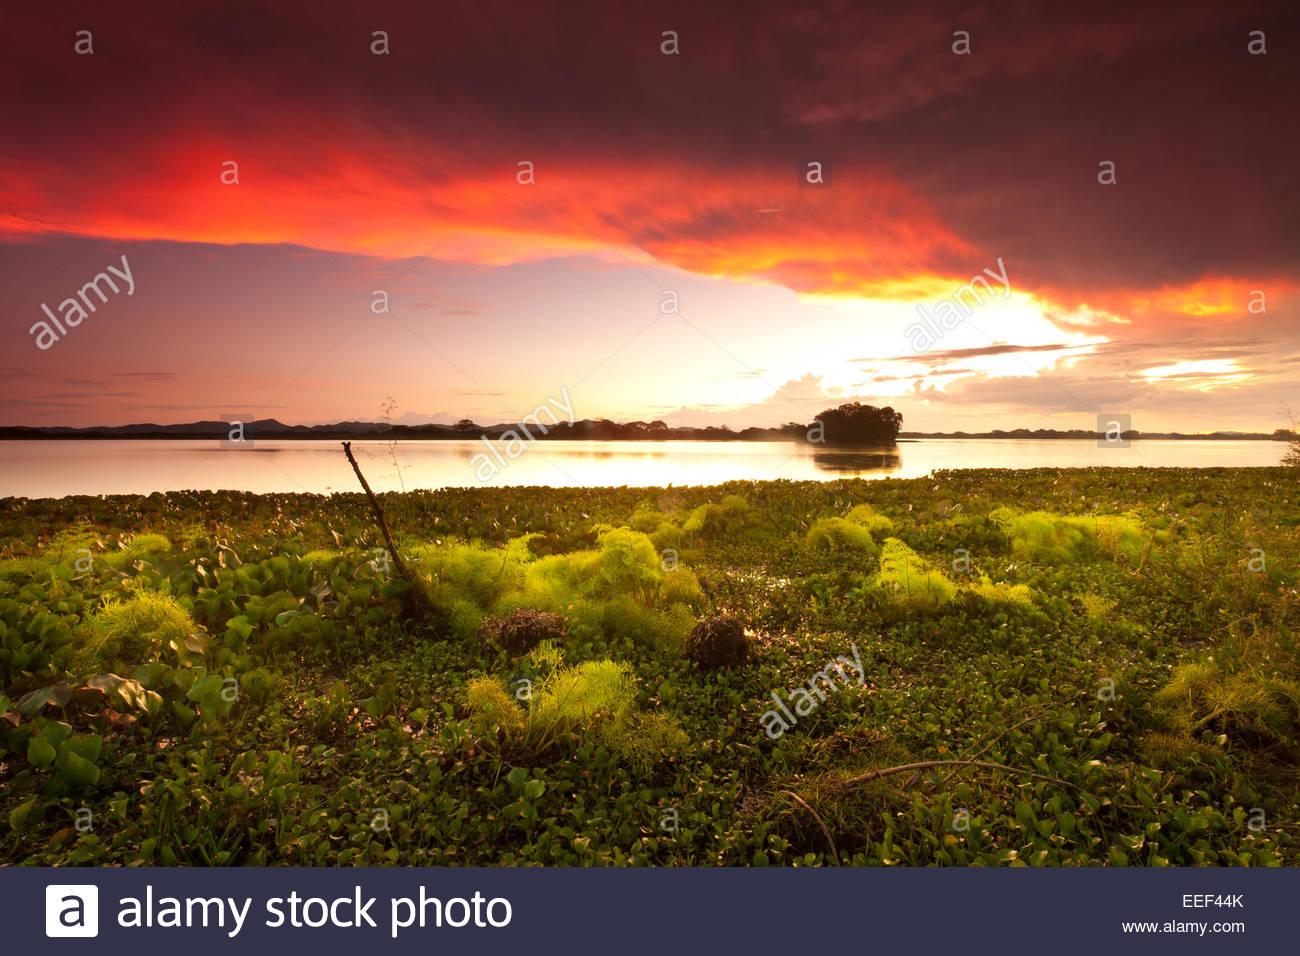 Bunte Wolken bei Sonnenuntergang am See von Refugio de Vida Silvestre Cienage las Macanas Nature Reserve, Republik Panama. Stockfoto